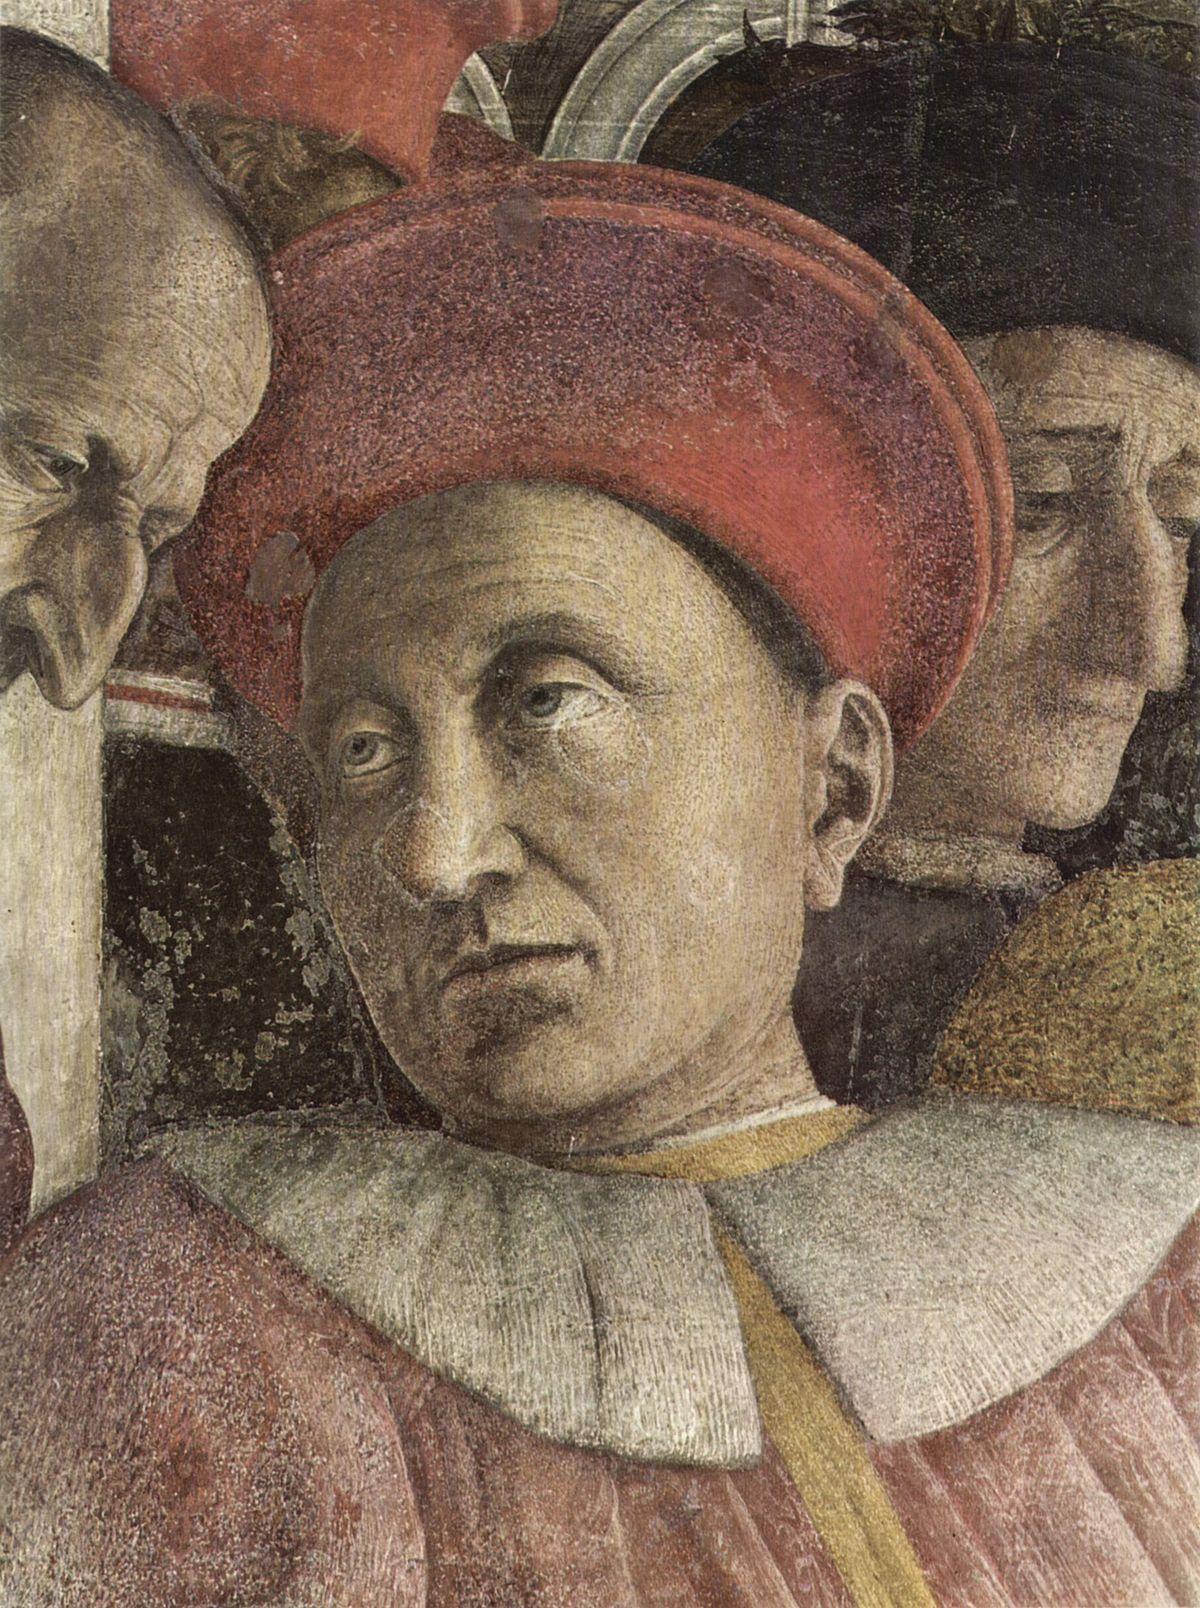 Ludovico iii gonzaga marquis of mantua wikipedia for Camera degli sposi immagini